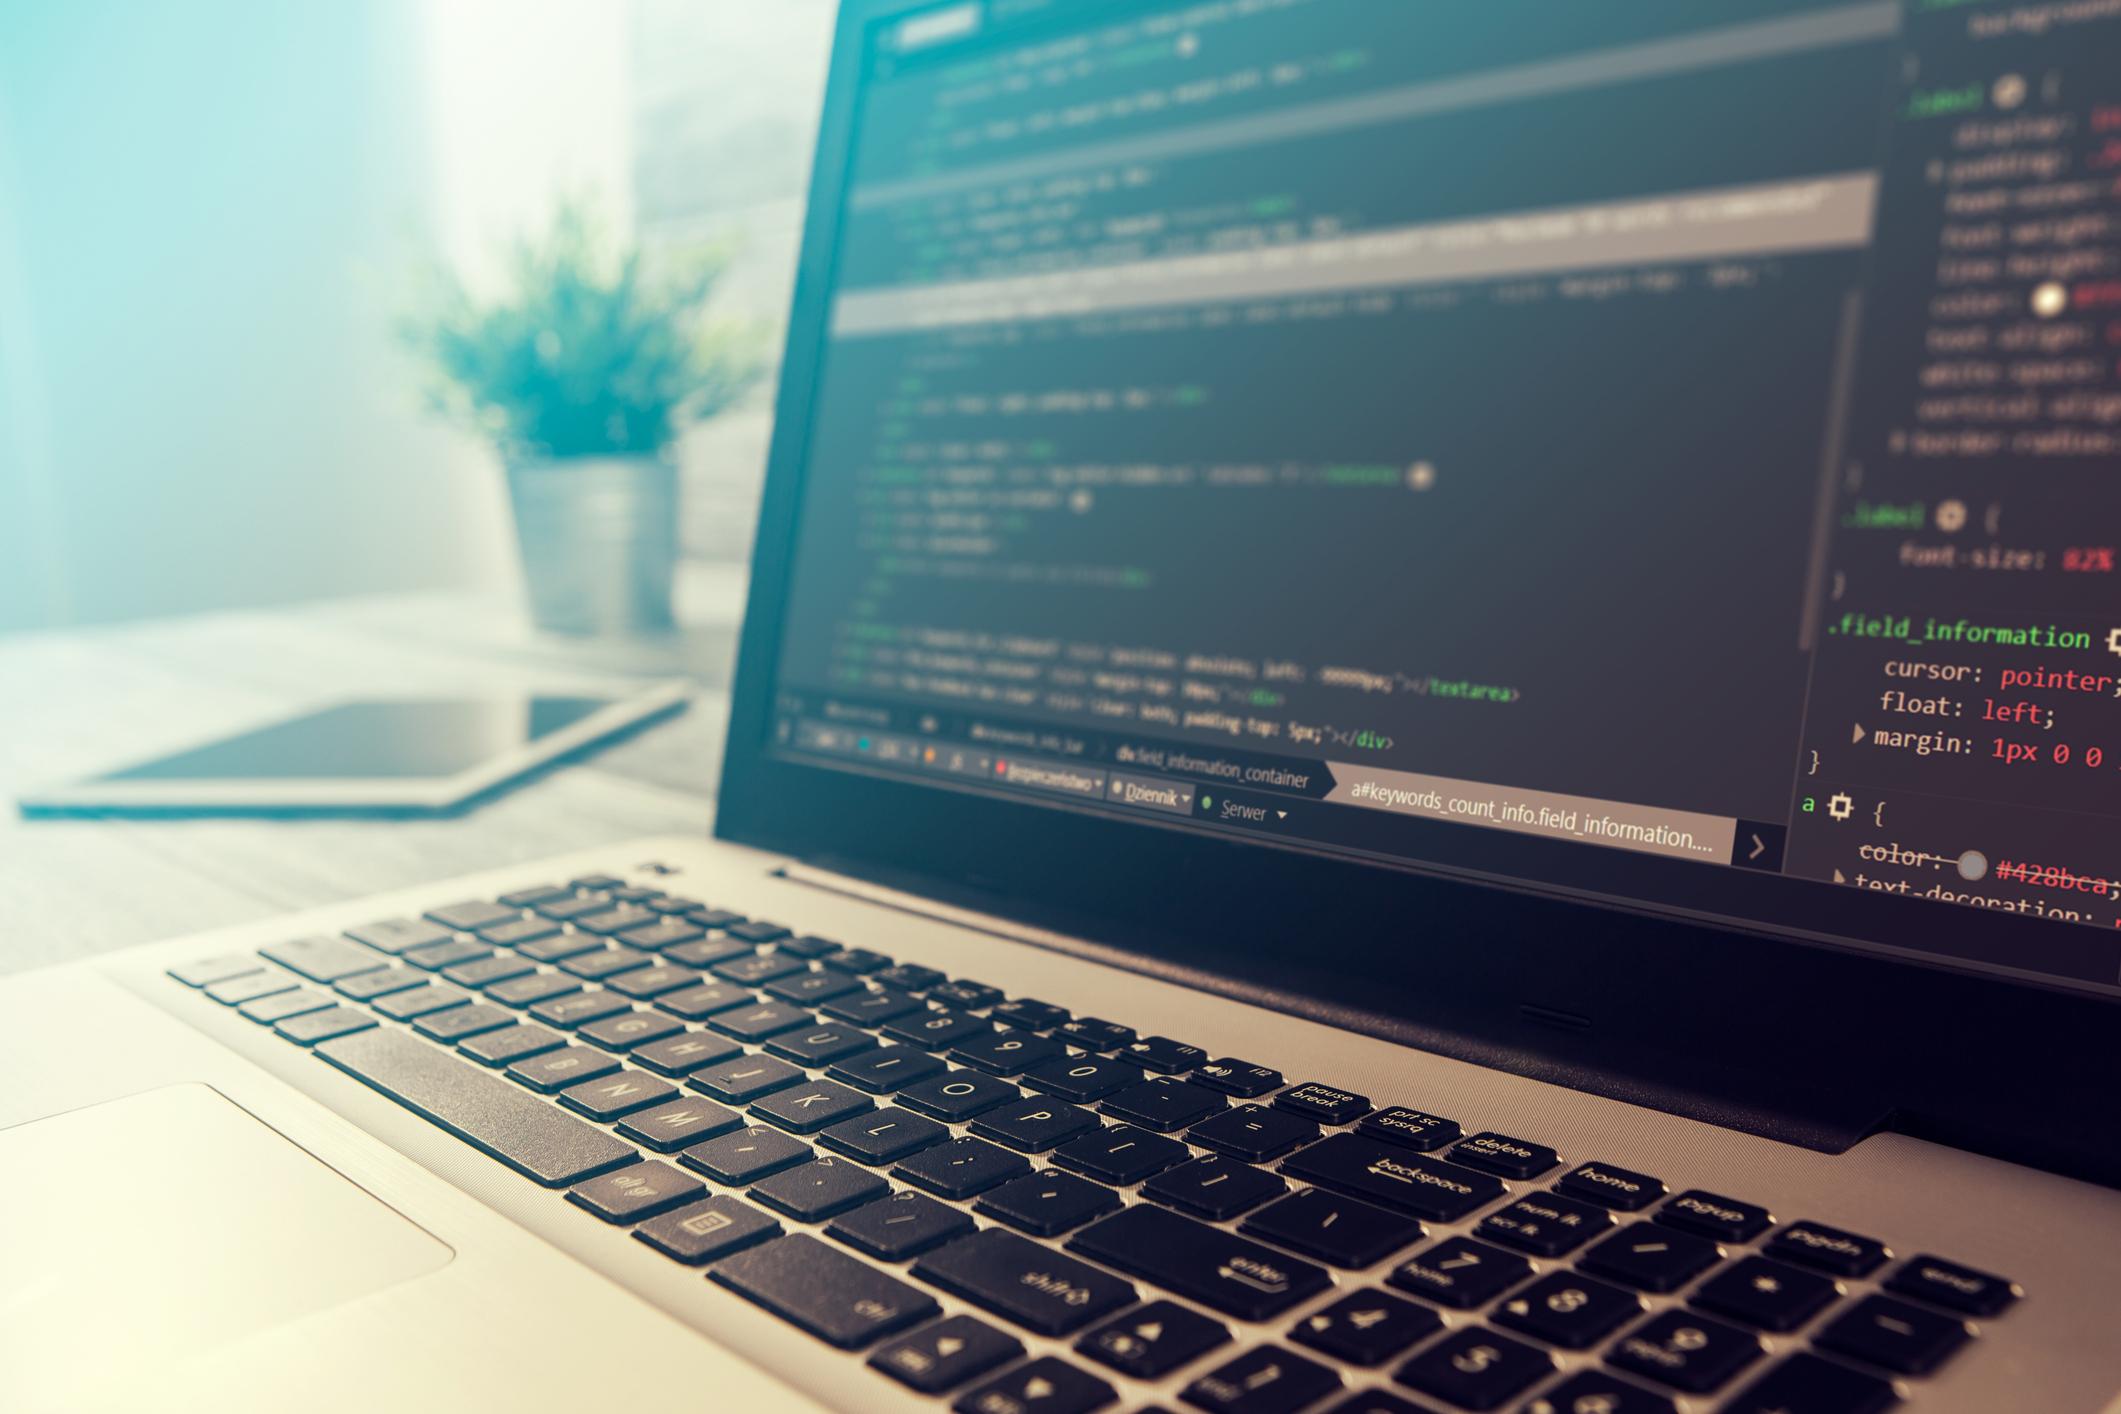 Software Factory - Desarrollo de proyectos a la medida de tu negocio de una forma transparente, confiable y segura.